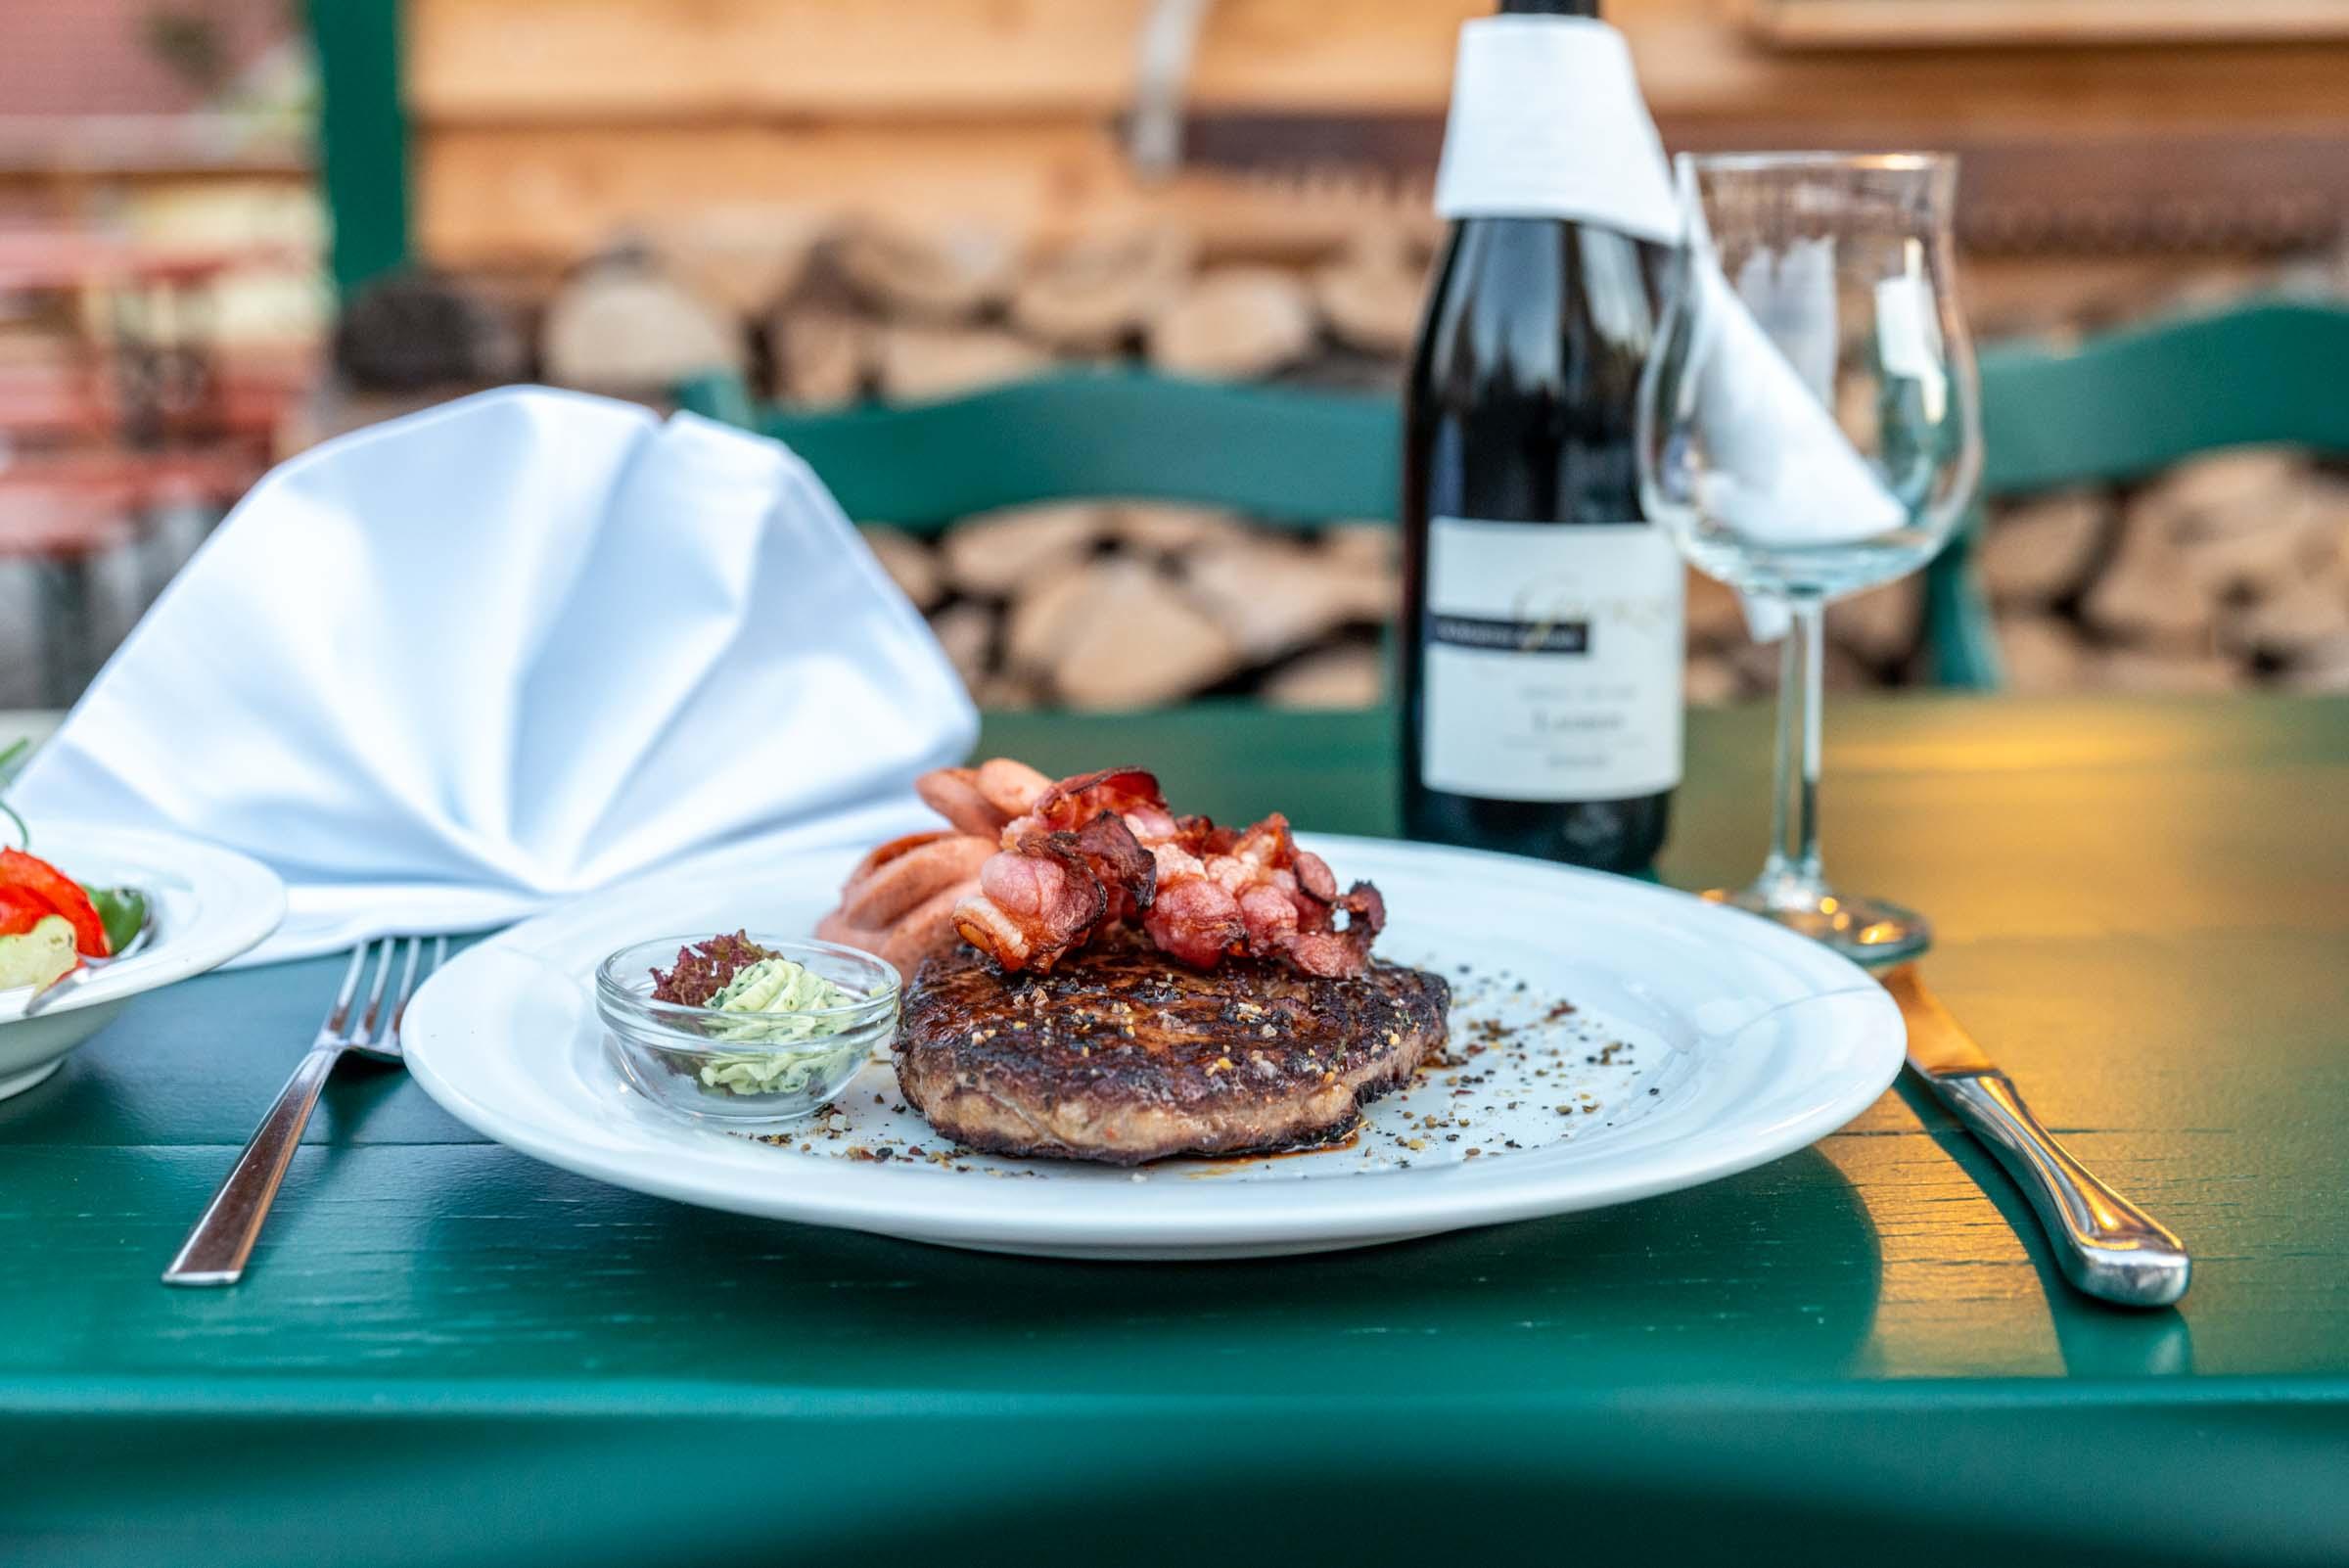 Landhotel Klozbücher Ellwangen-Eggenrot Gericht Wein